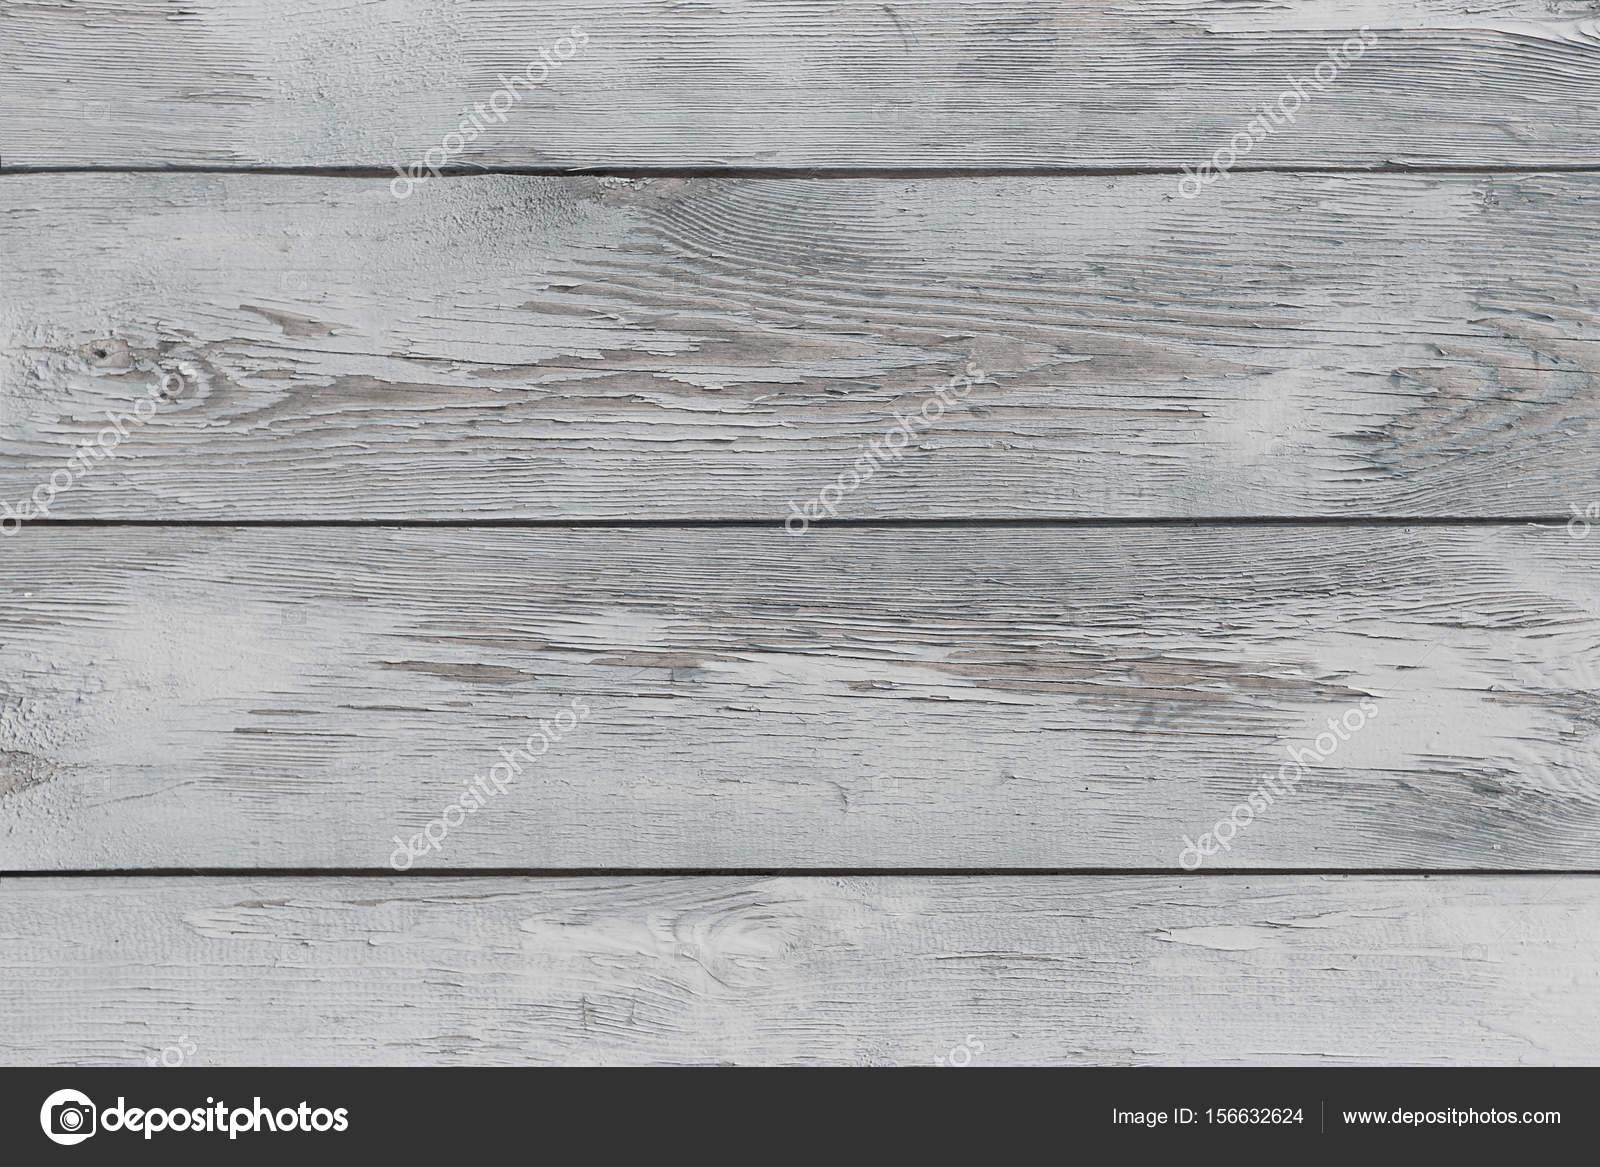 Fabulous Shabby Chic Holz Hintergrund. Textur des alten Holzbrettern CA69